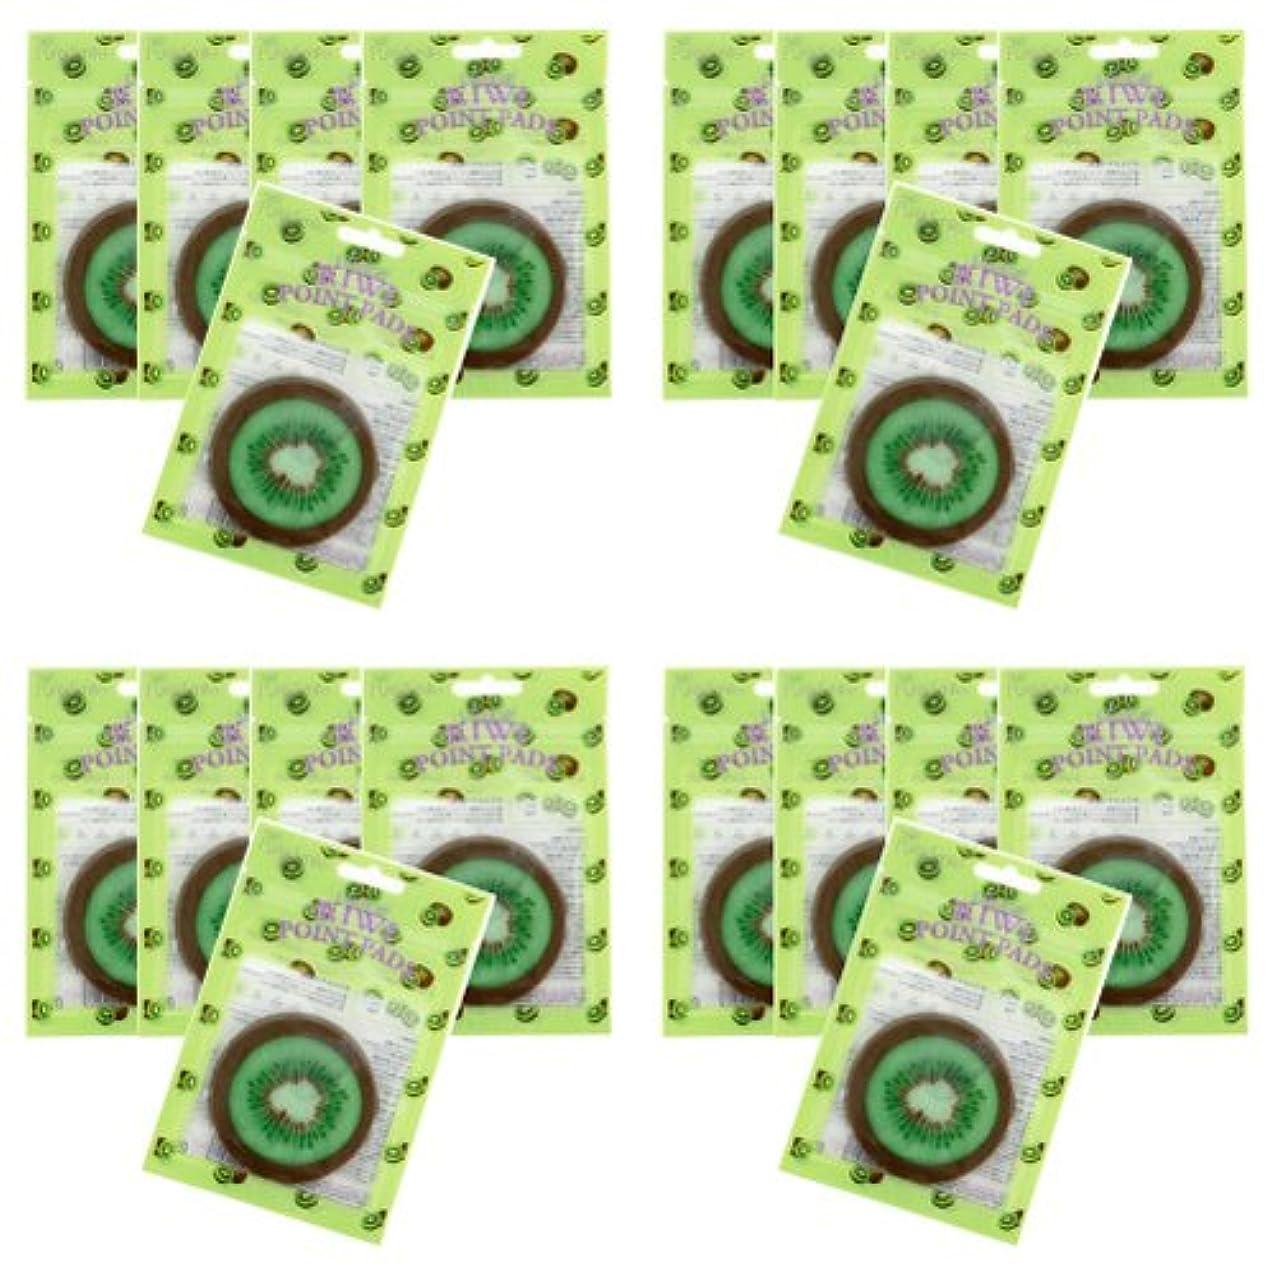 違法帰するランタンピュアスマイル ジューシーポイントパッド キウィ20パックセット(1パック10枚入 合計200枚)